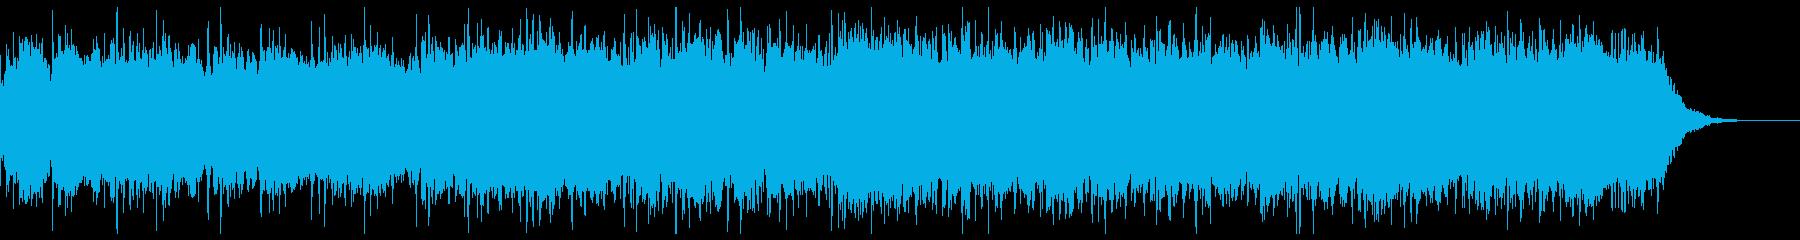 解説・むかし話・教材・教育コンテンツ05の再生済みの波形